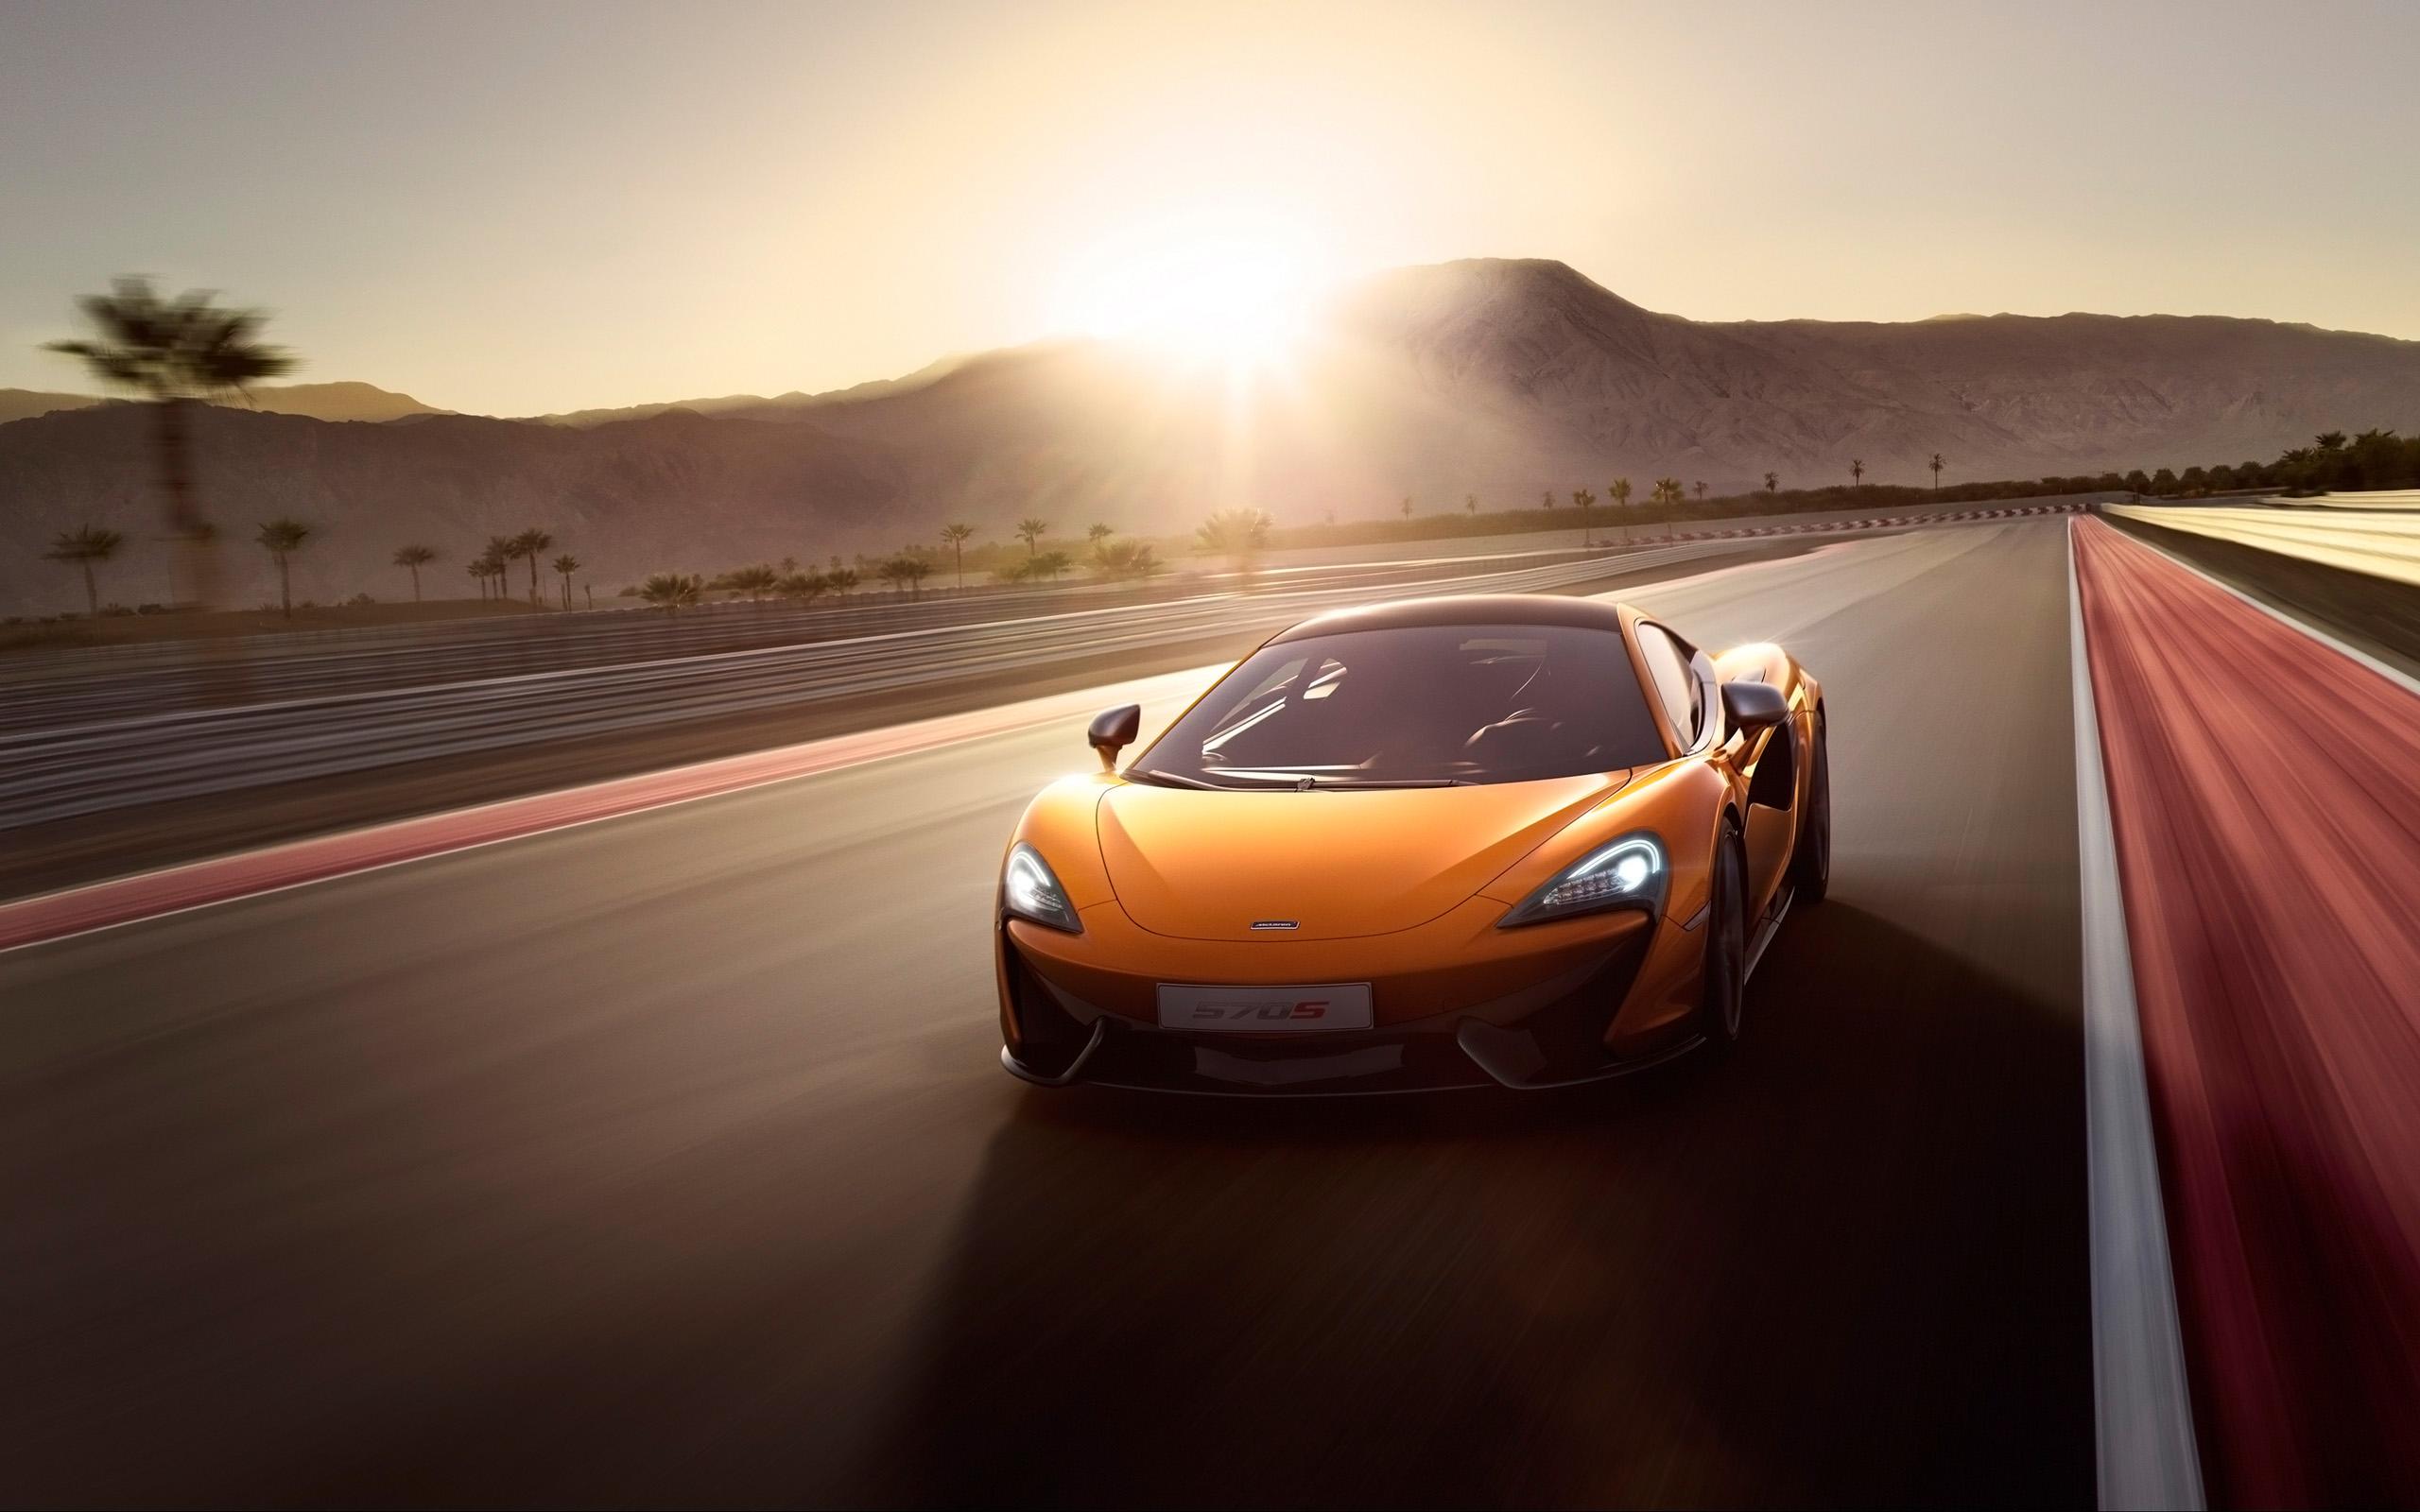 McLaren 570S HD Wallpaper Background Image 2560x1600 ID 2560x1600